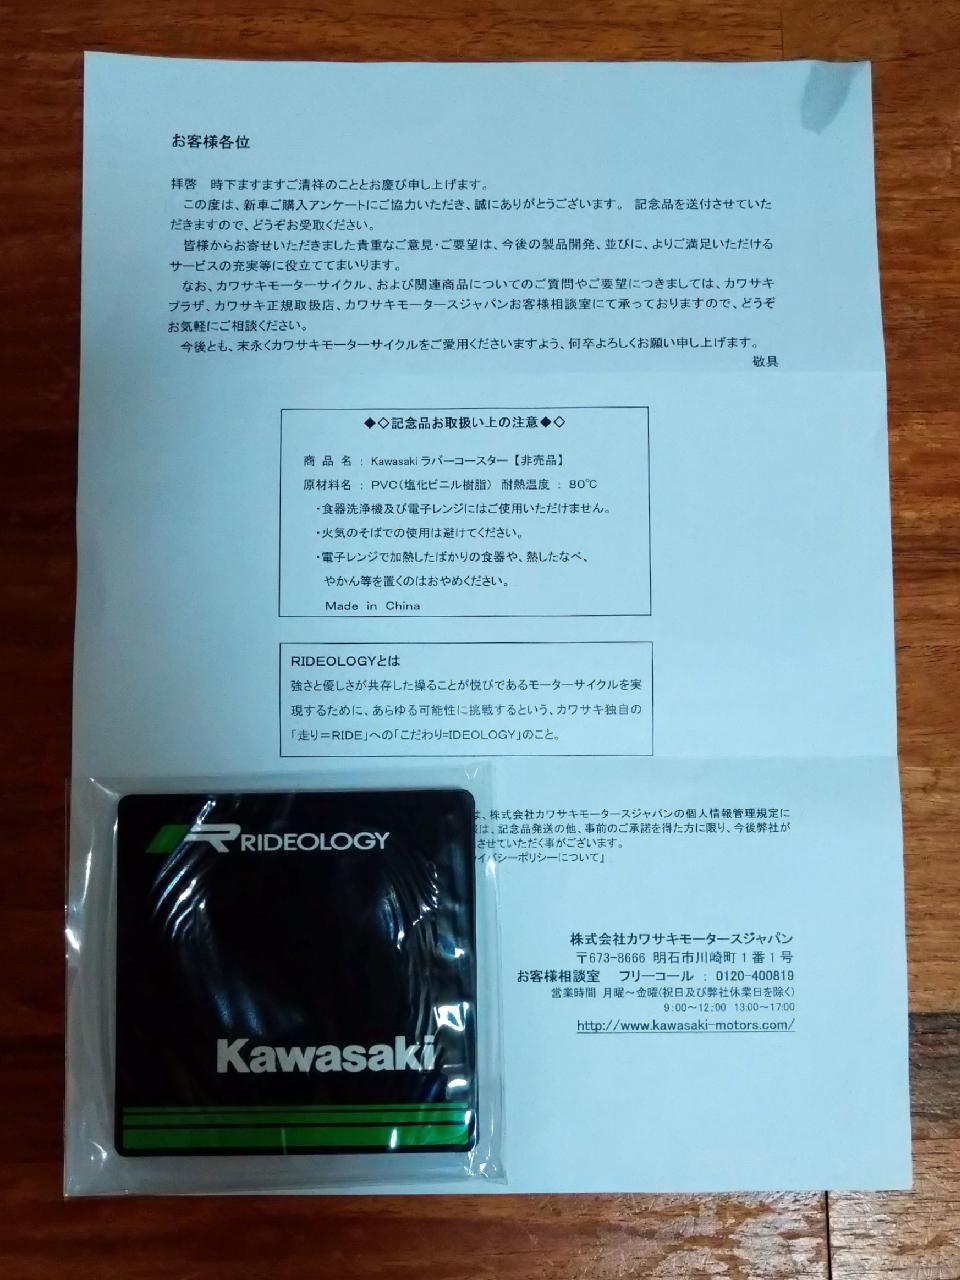 カワサキモータースポーツジャパン 新車ご購入アンケート記念品/KAWASAKIラバーコースター